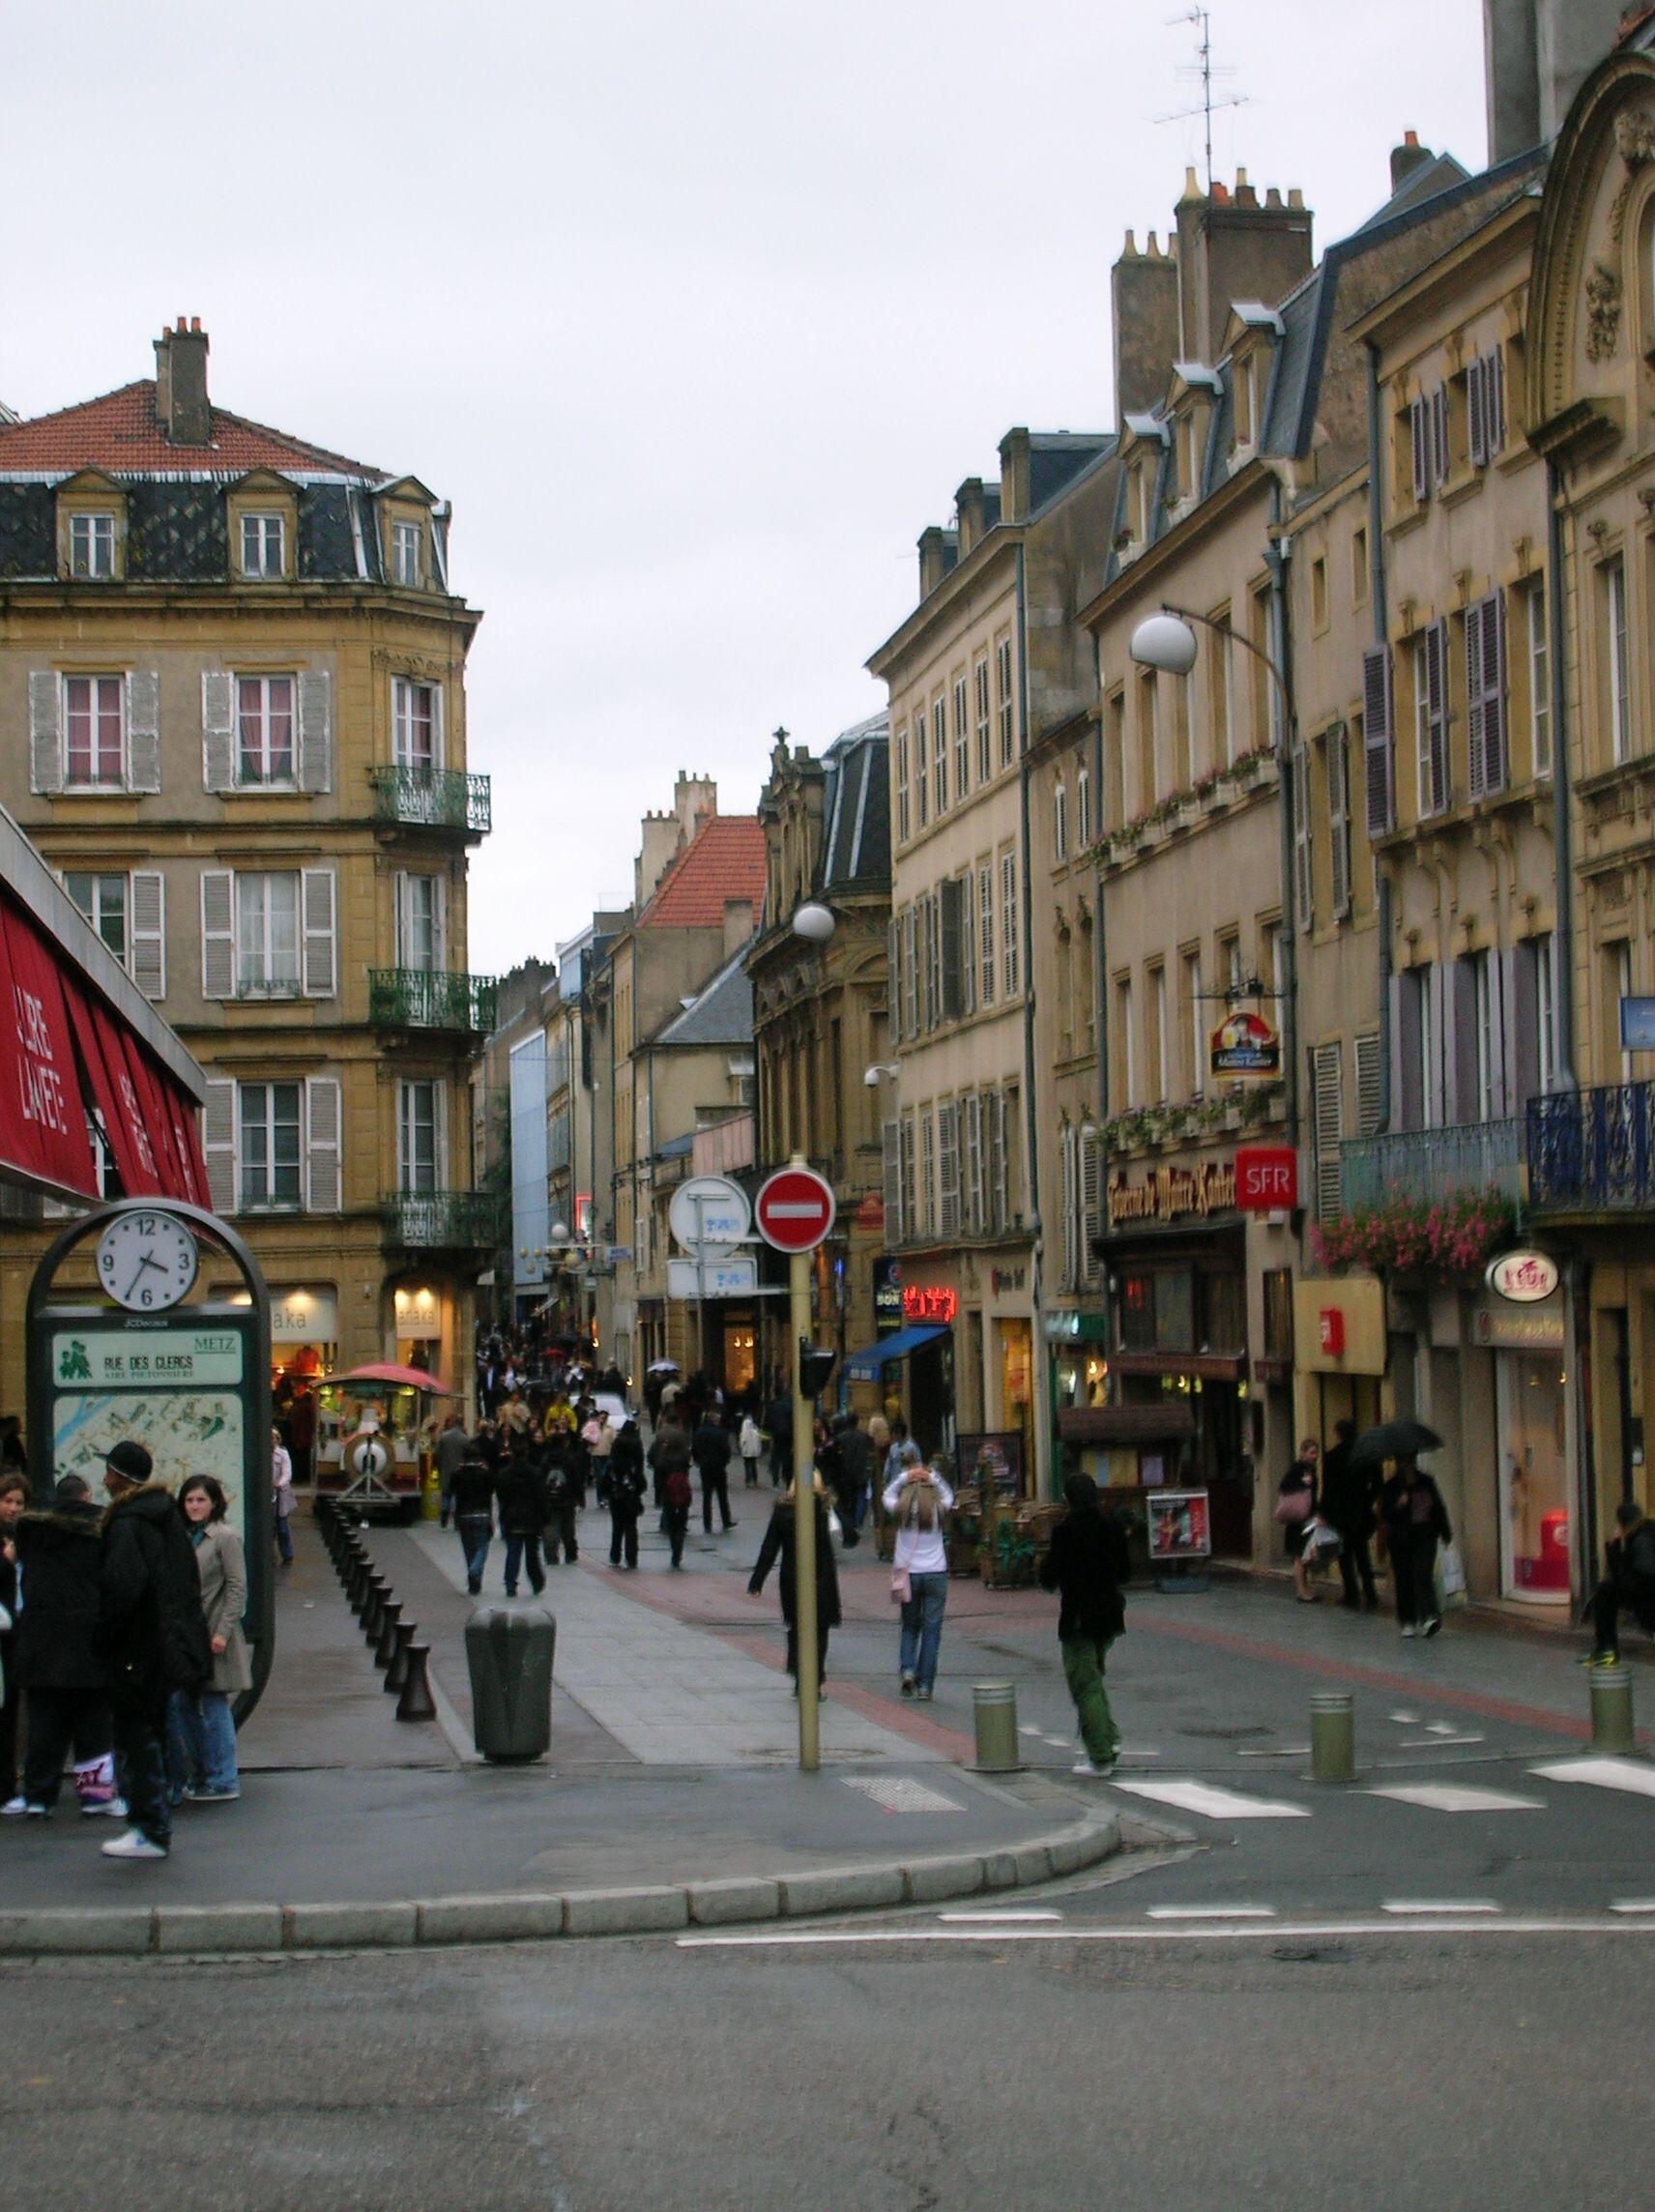 Vers le centre ville de Metz, France Metz france, France